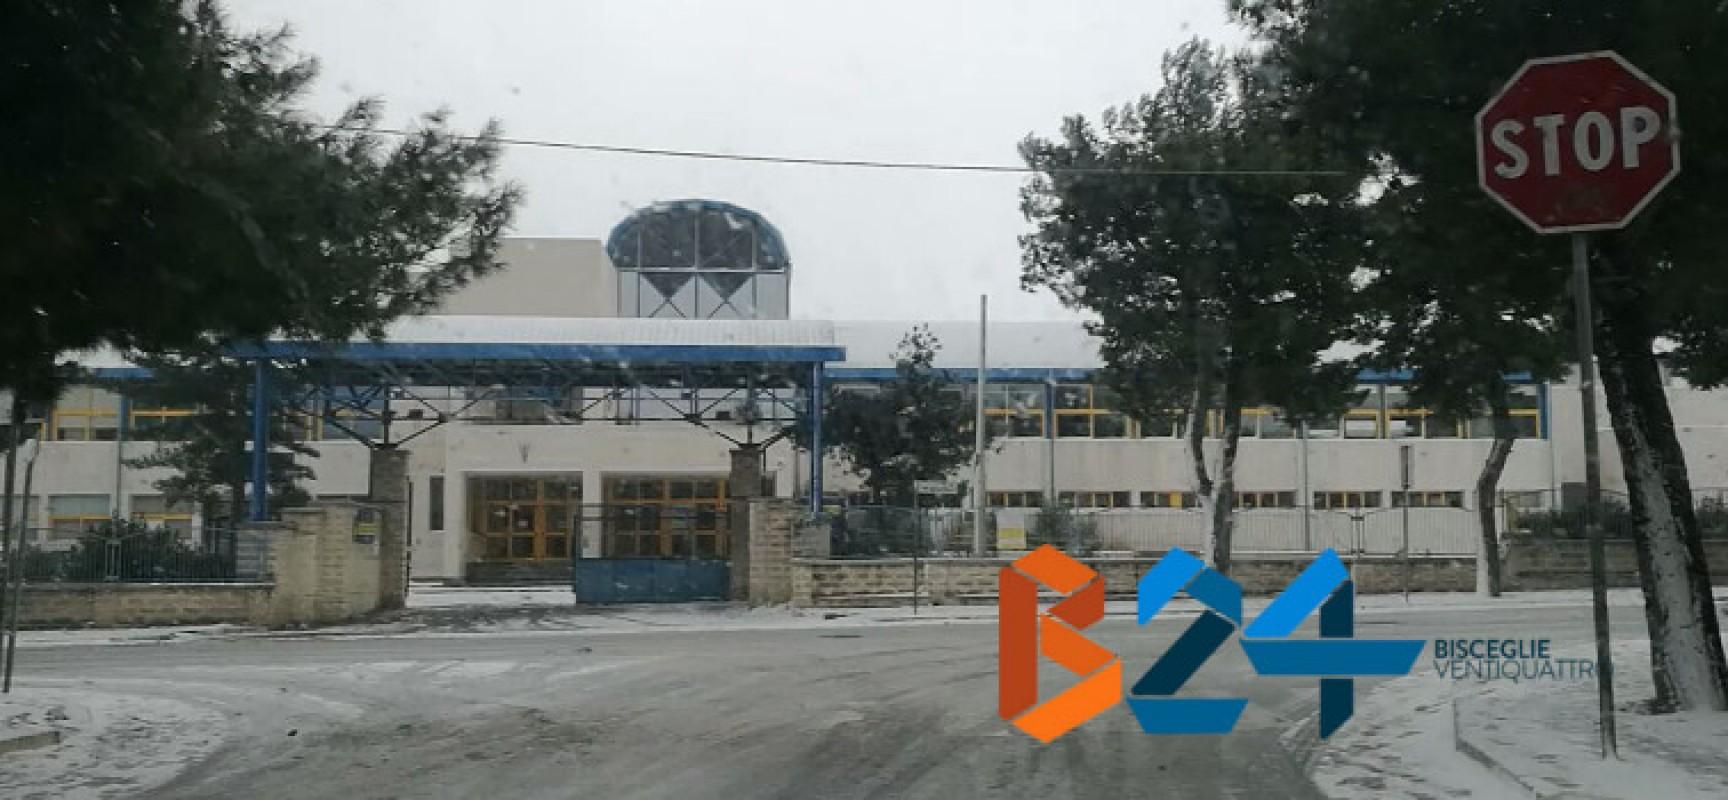 Maltempo e neve, scuole chiuse anche domani 11 gennaio